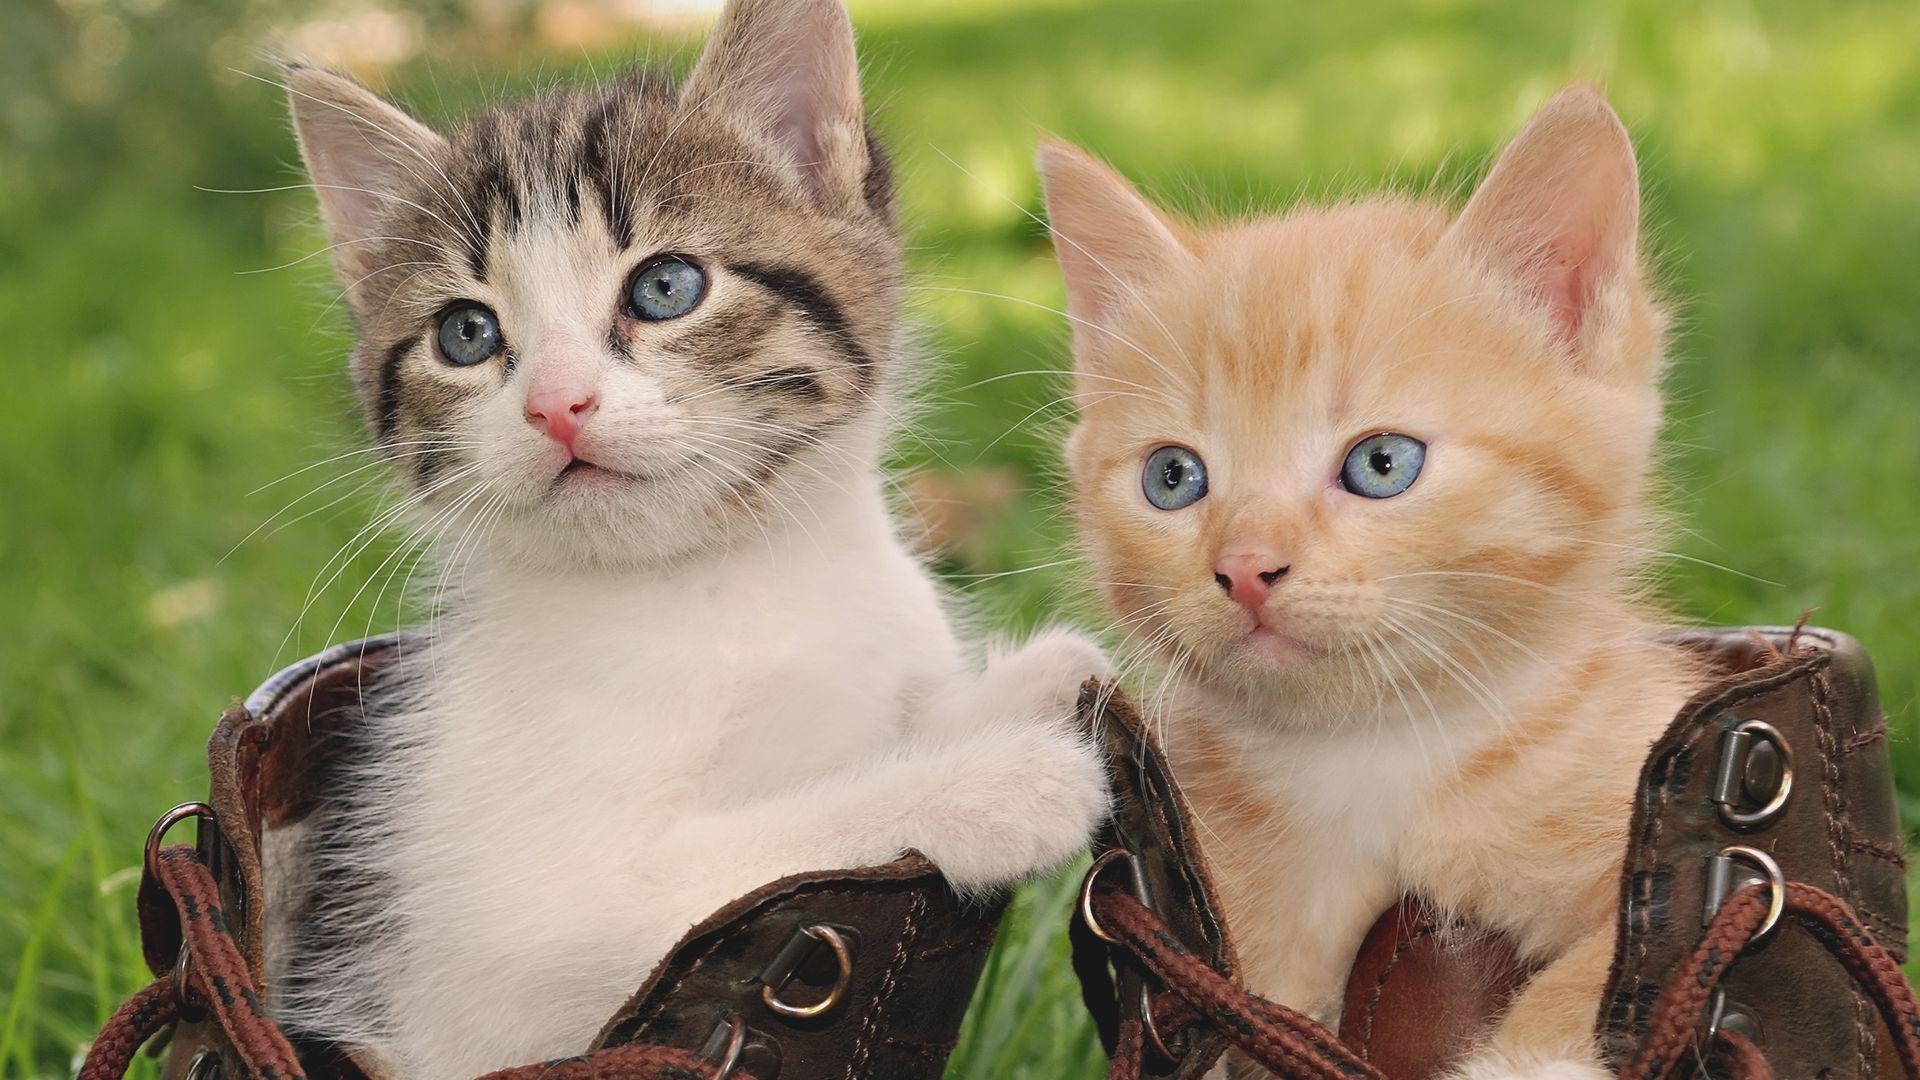 Hình nền hai chú mèo con đẹp